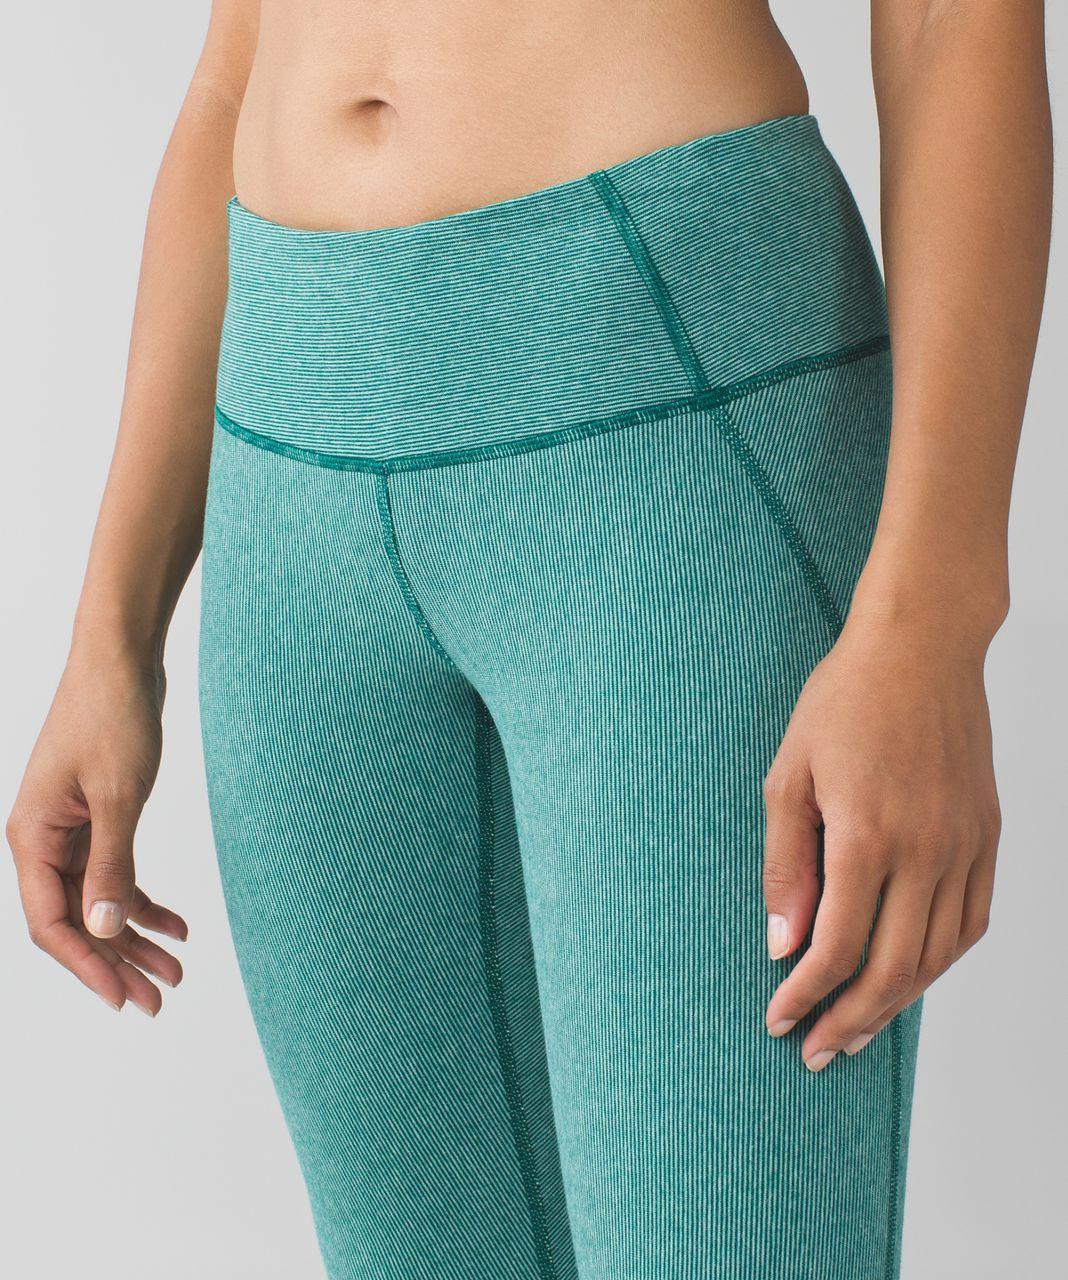 Lululemon Wunder Under Pant (Stripes) *Cotton - Wee Stripe Heathered Menthol Forage Teal